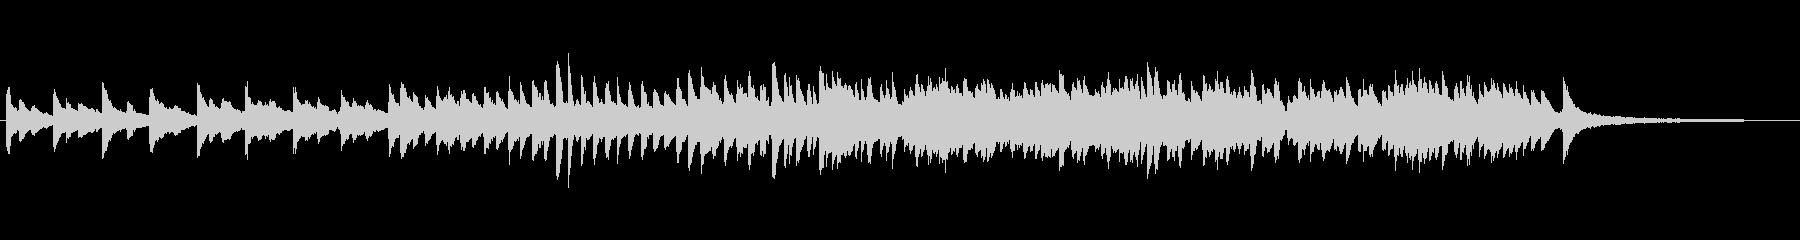 1分でパッヘルベルのカノン ピアノソロの未再生の波形